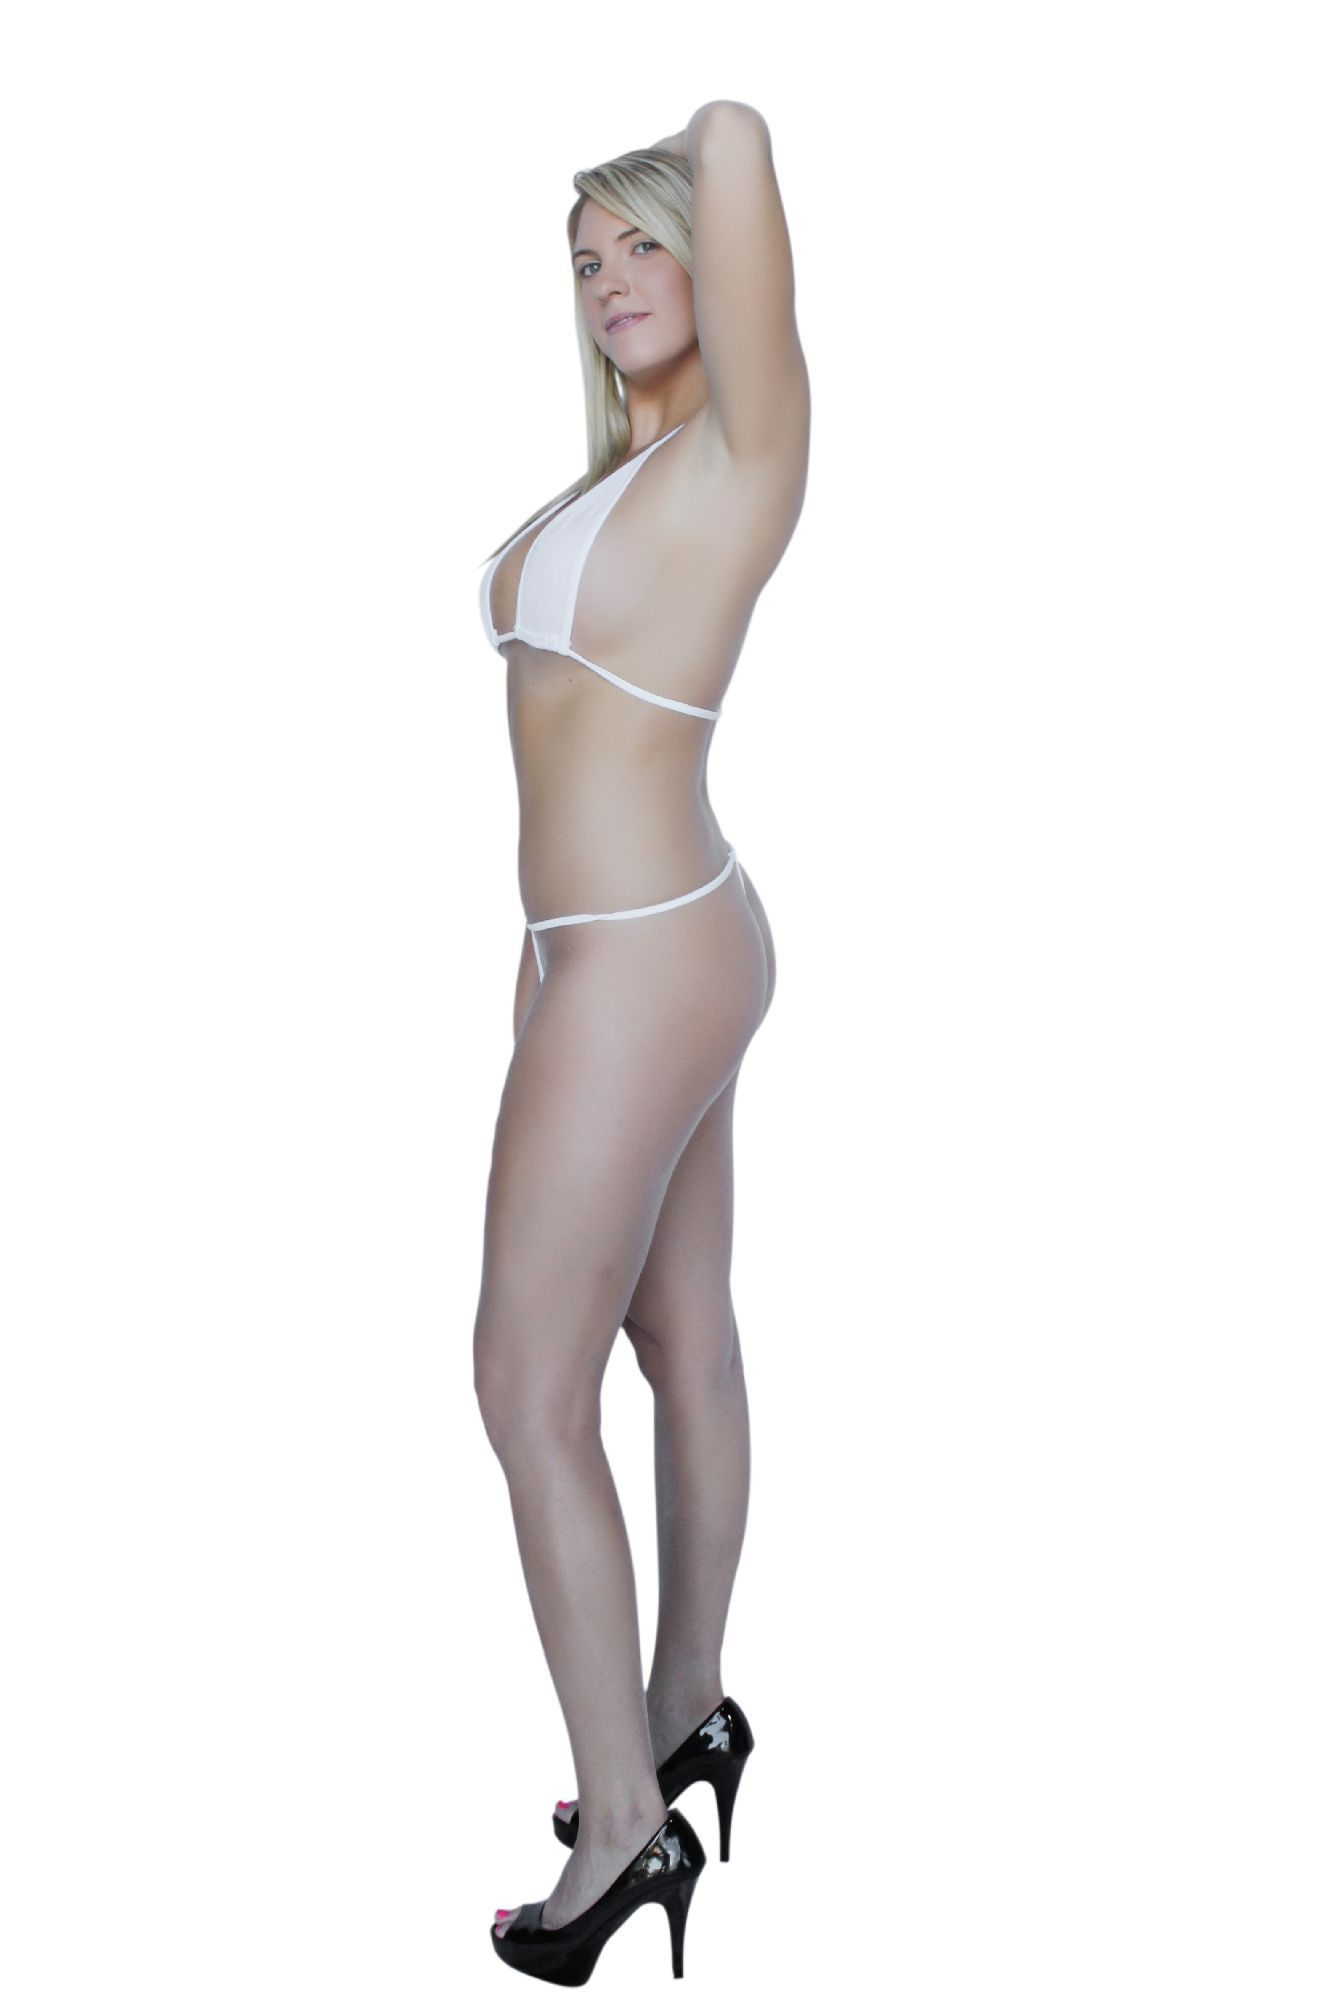 3d3591d0eb581 Flirtzy Teeny Micro Mini Thong and String Top Bikini Brazilian Swimwear  Mini Bikini Swimsuit G-String#Mini, #Thong, #Micro